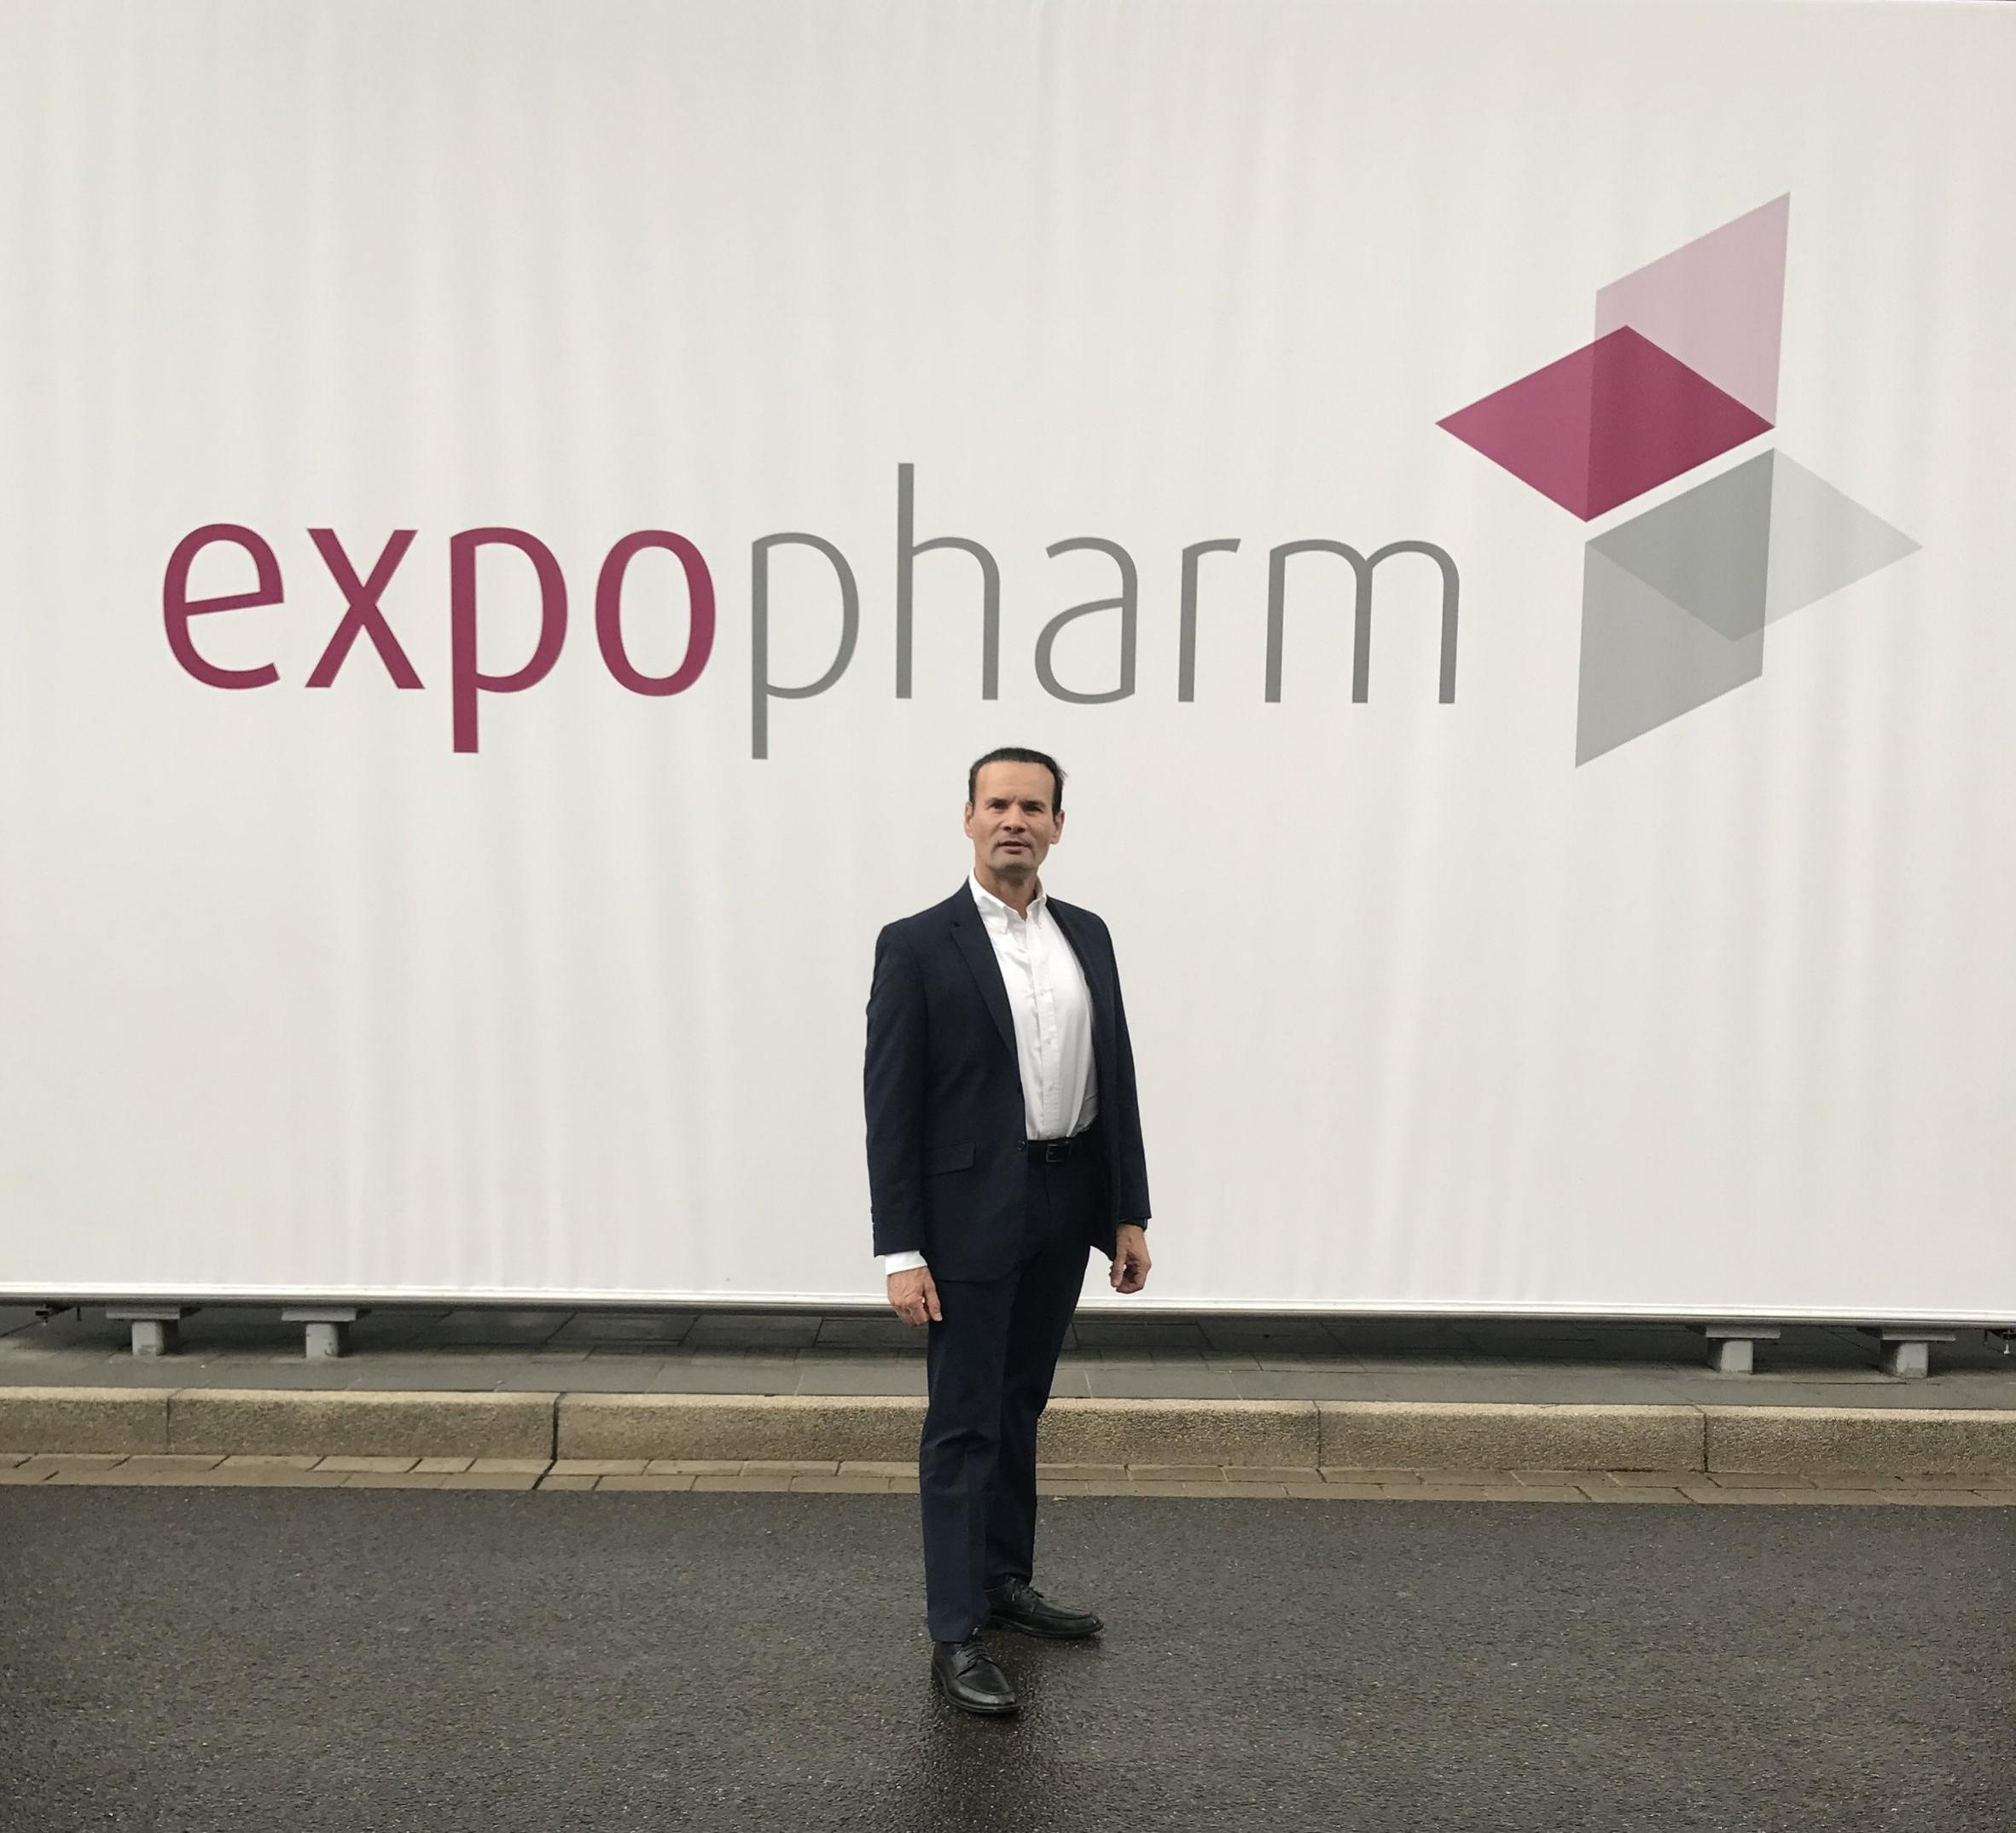 2017_Rudy_LaVecchia_ExpoPharm_Conference